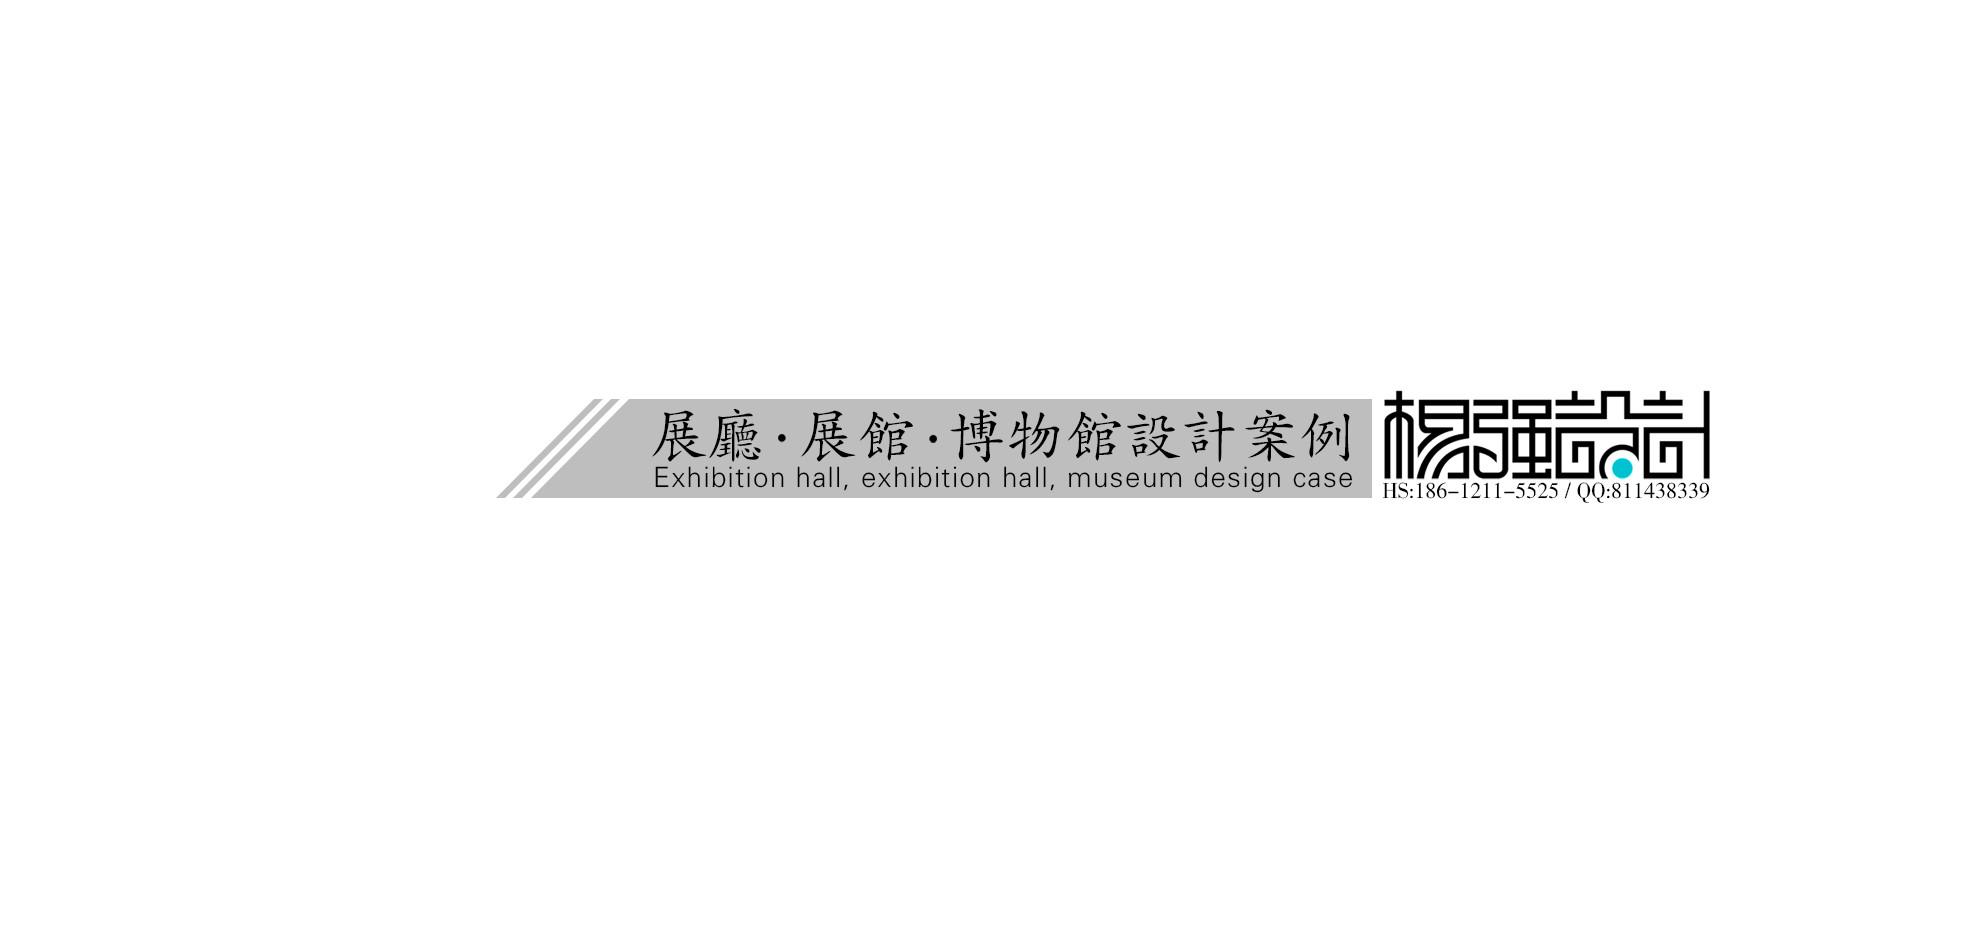 北京杨强空间创意设计[201839154542.jpg]